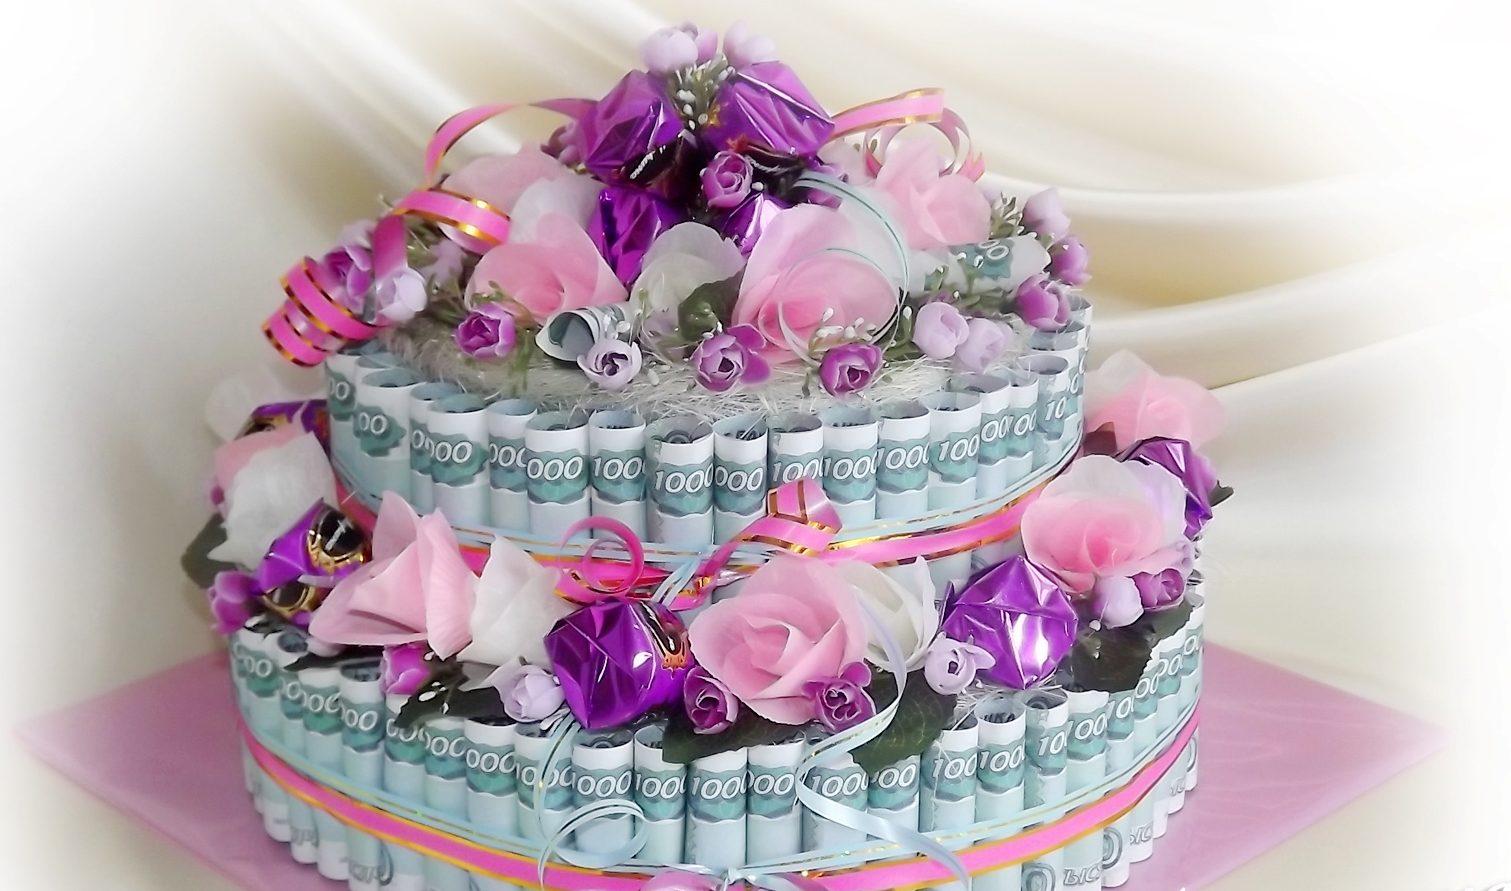 Поздравления к торту из денег 6